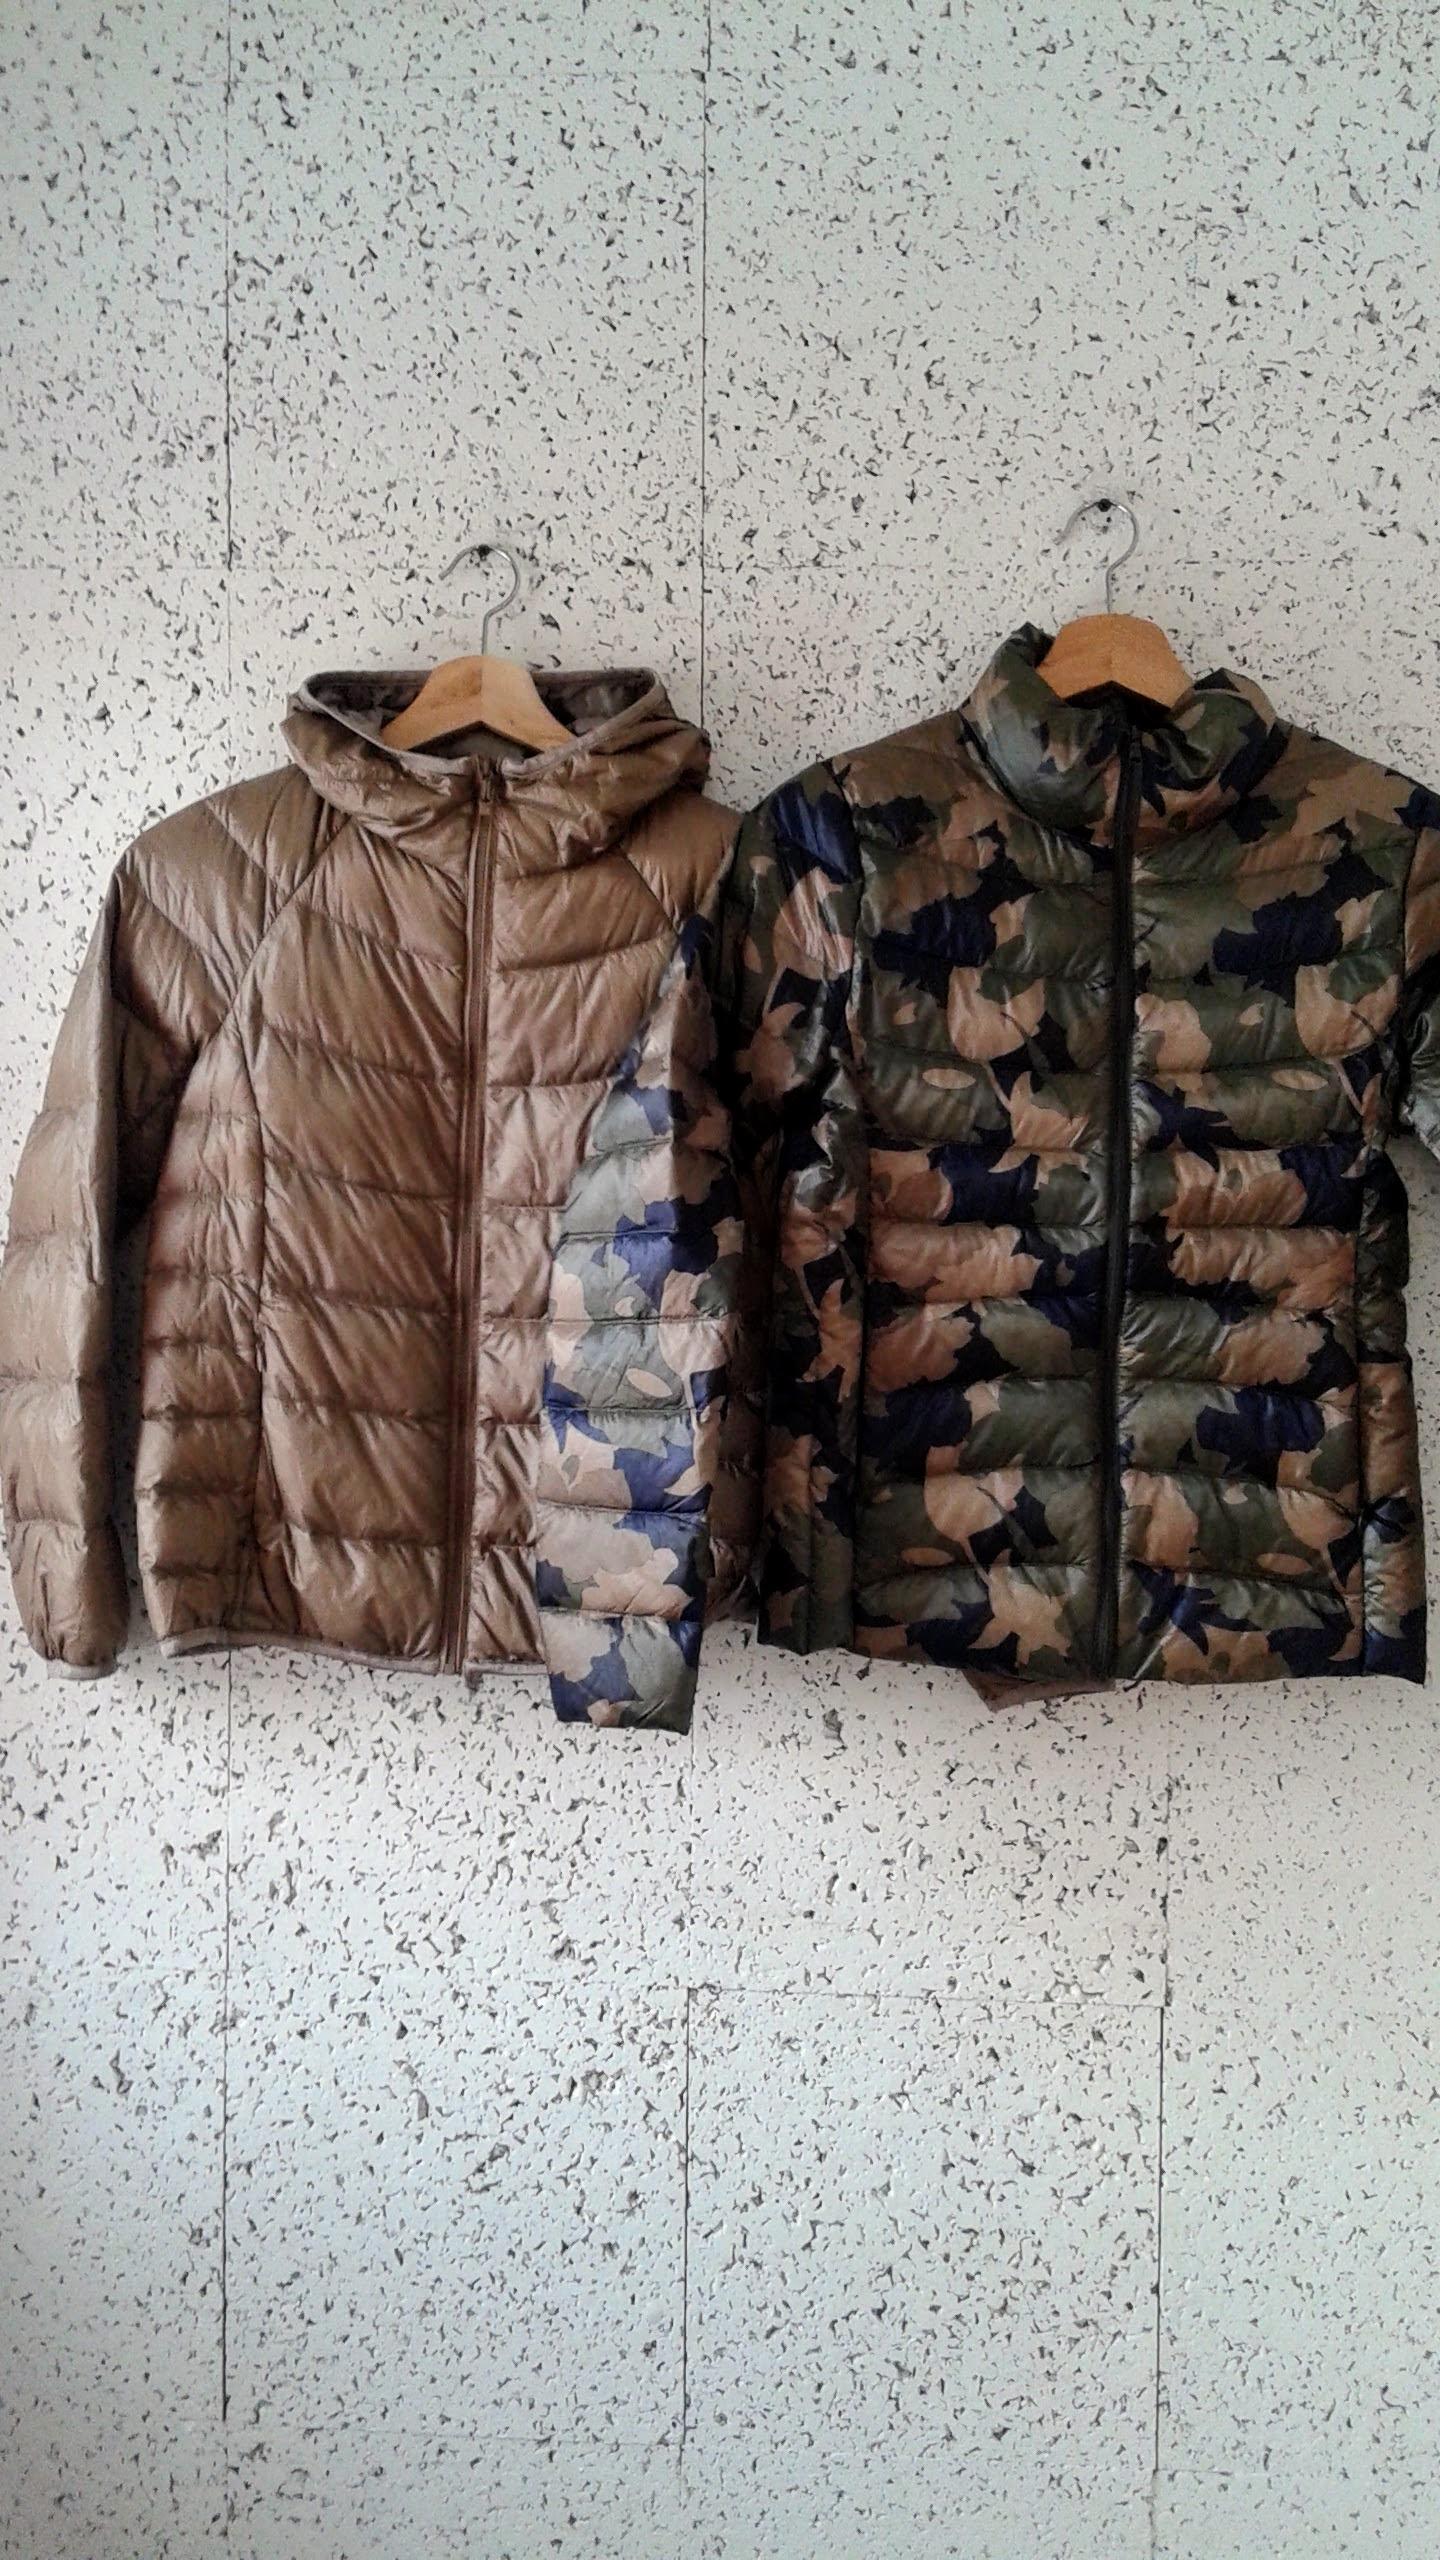 Uniqlo  gold jacket; Size S, $60. Uniqlo camo jacket; Size XS, $60